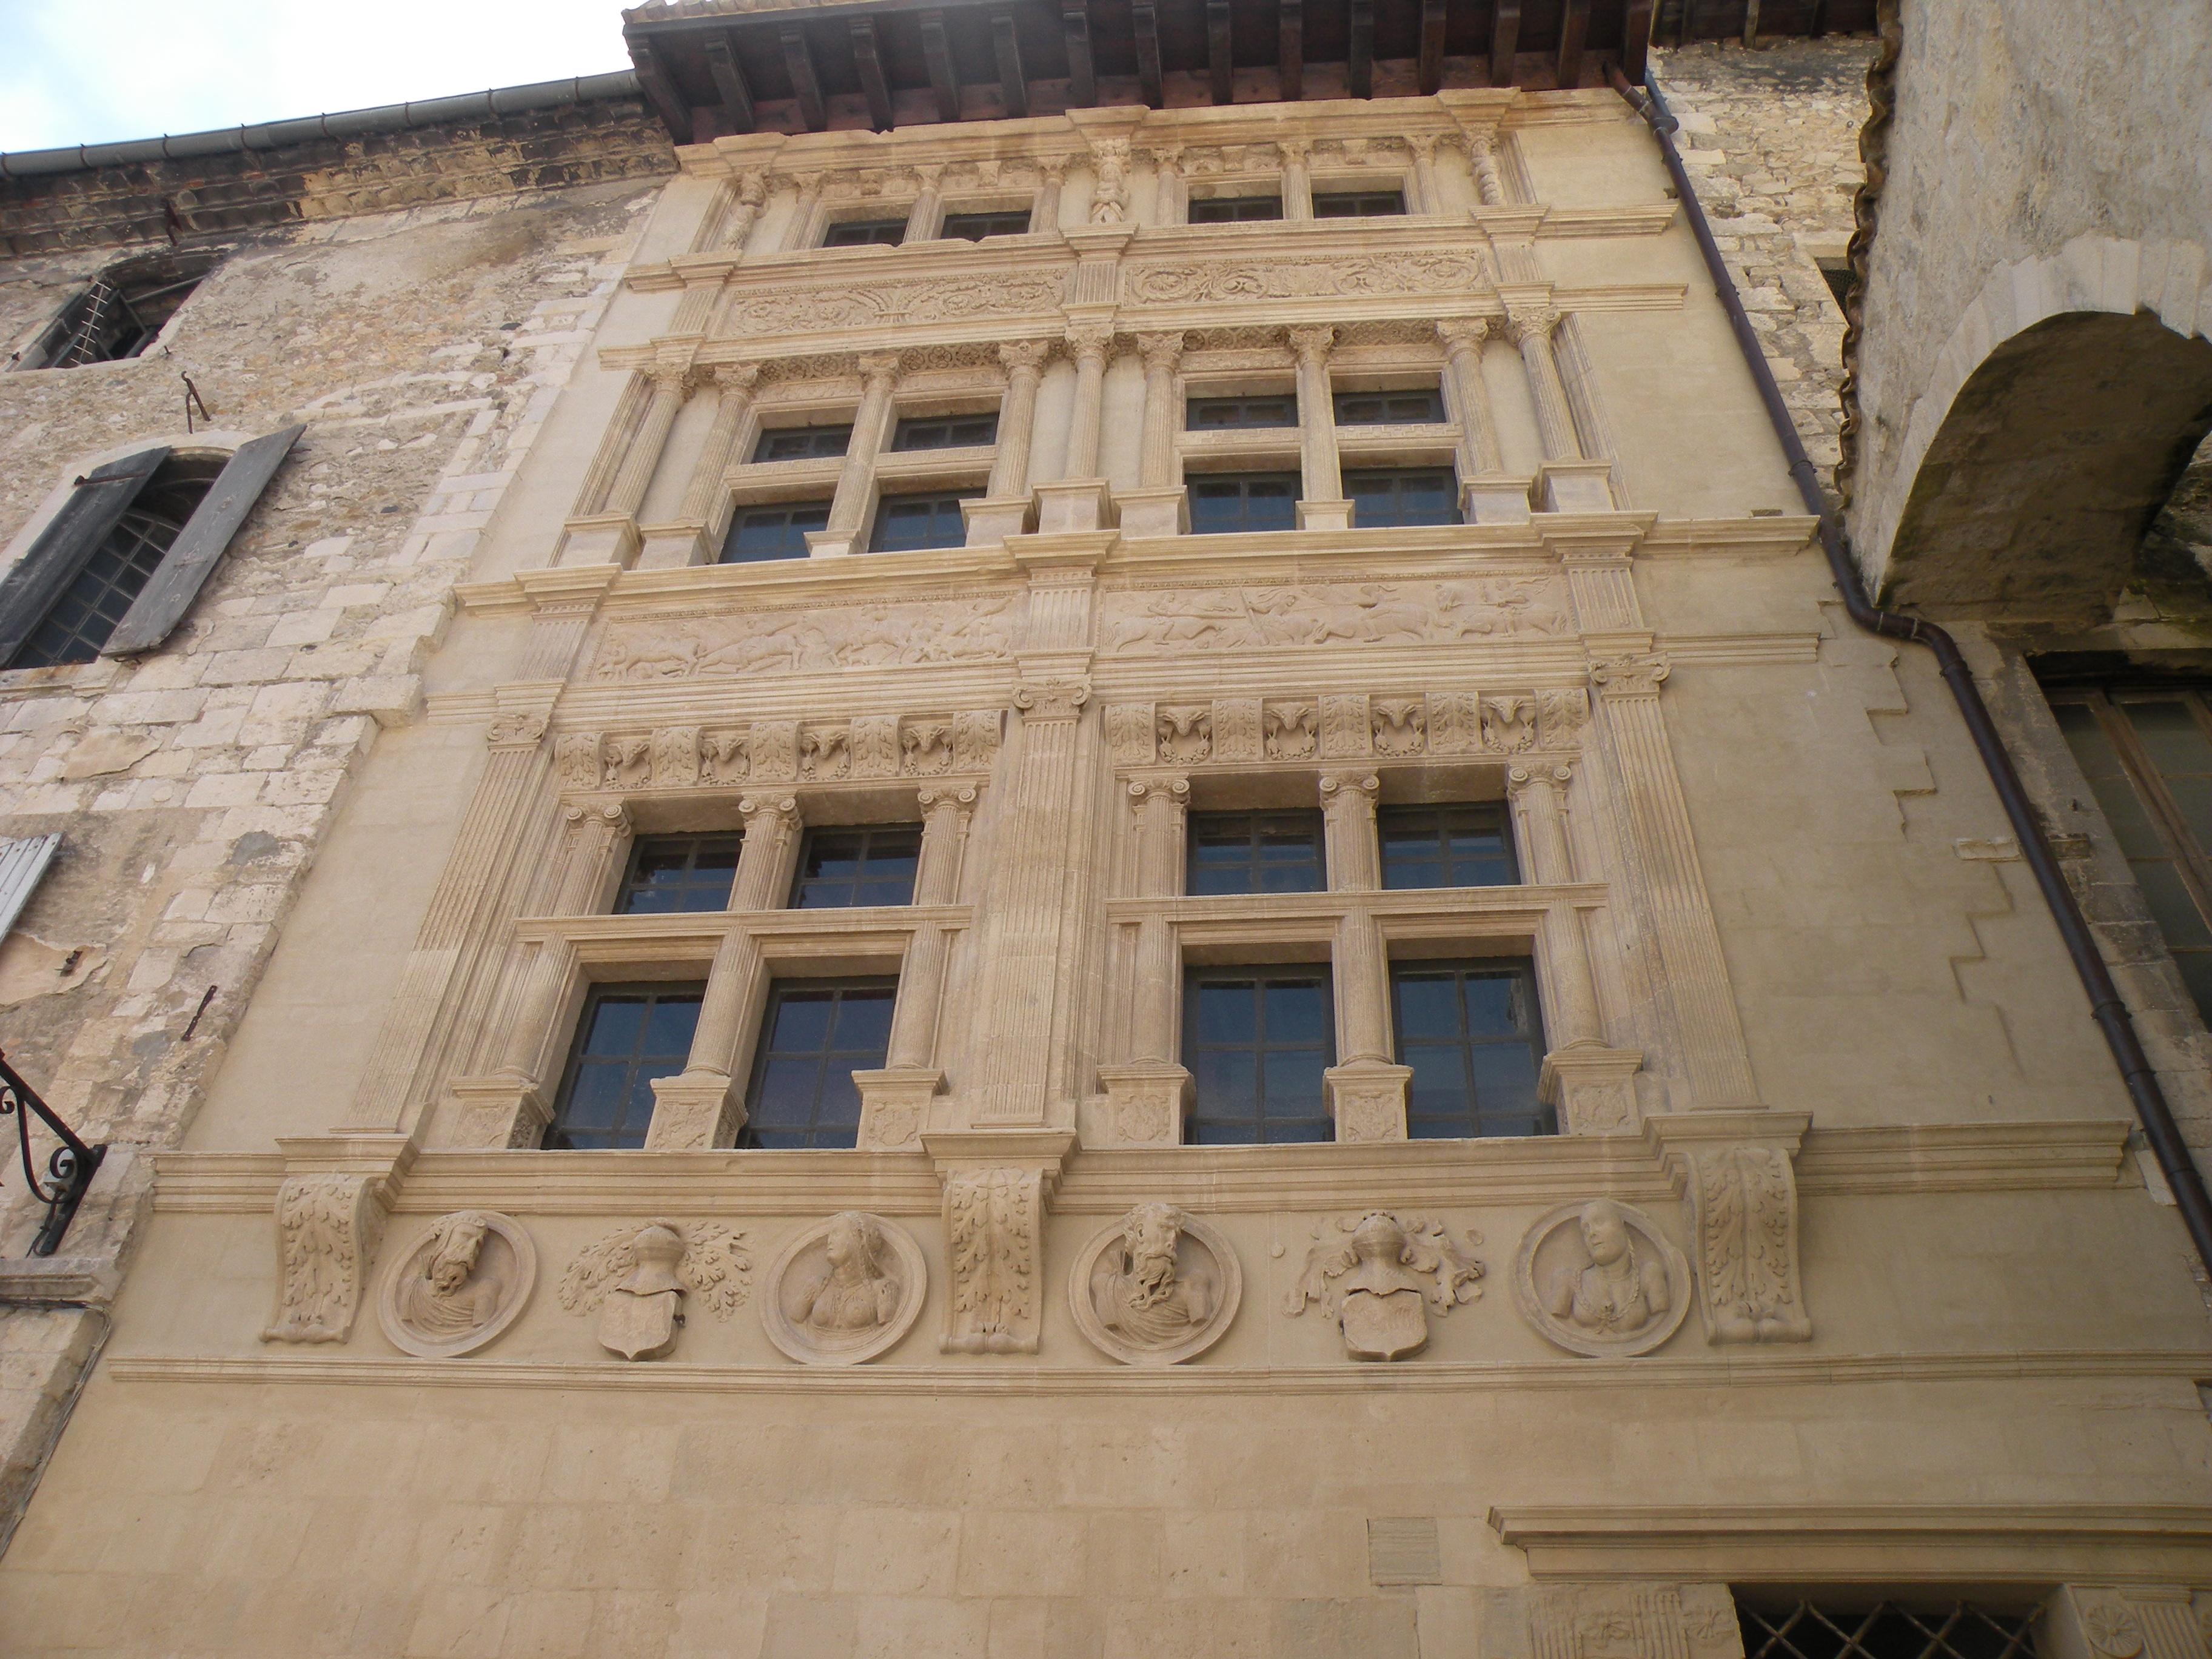 En 1564, Noël Albert, riche bourgeois enrichi par le commerce du sel et propriétaire de la demeure appelée aujourd'hui Maison des Chevaliers, profite des Guerres de Religion pour se rendre maitre de Viviers.